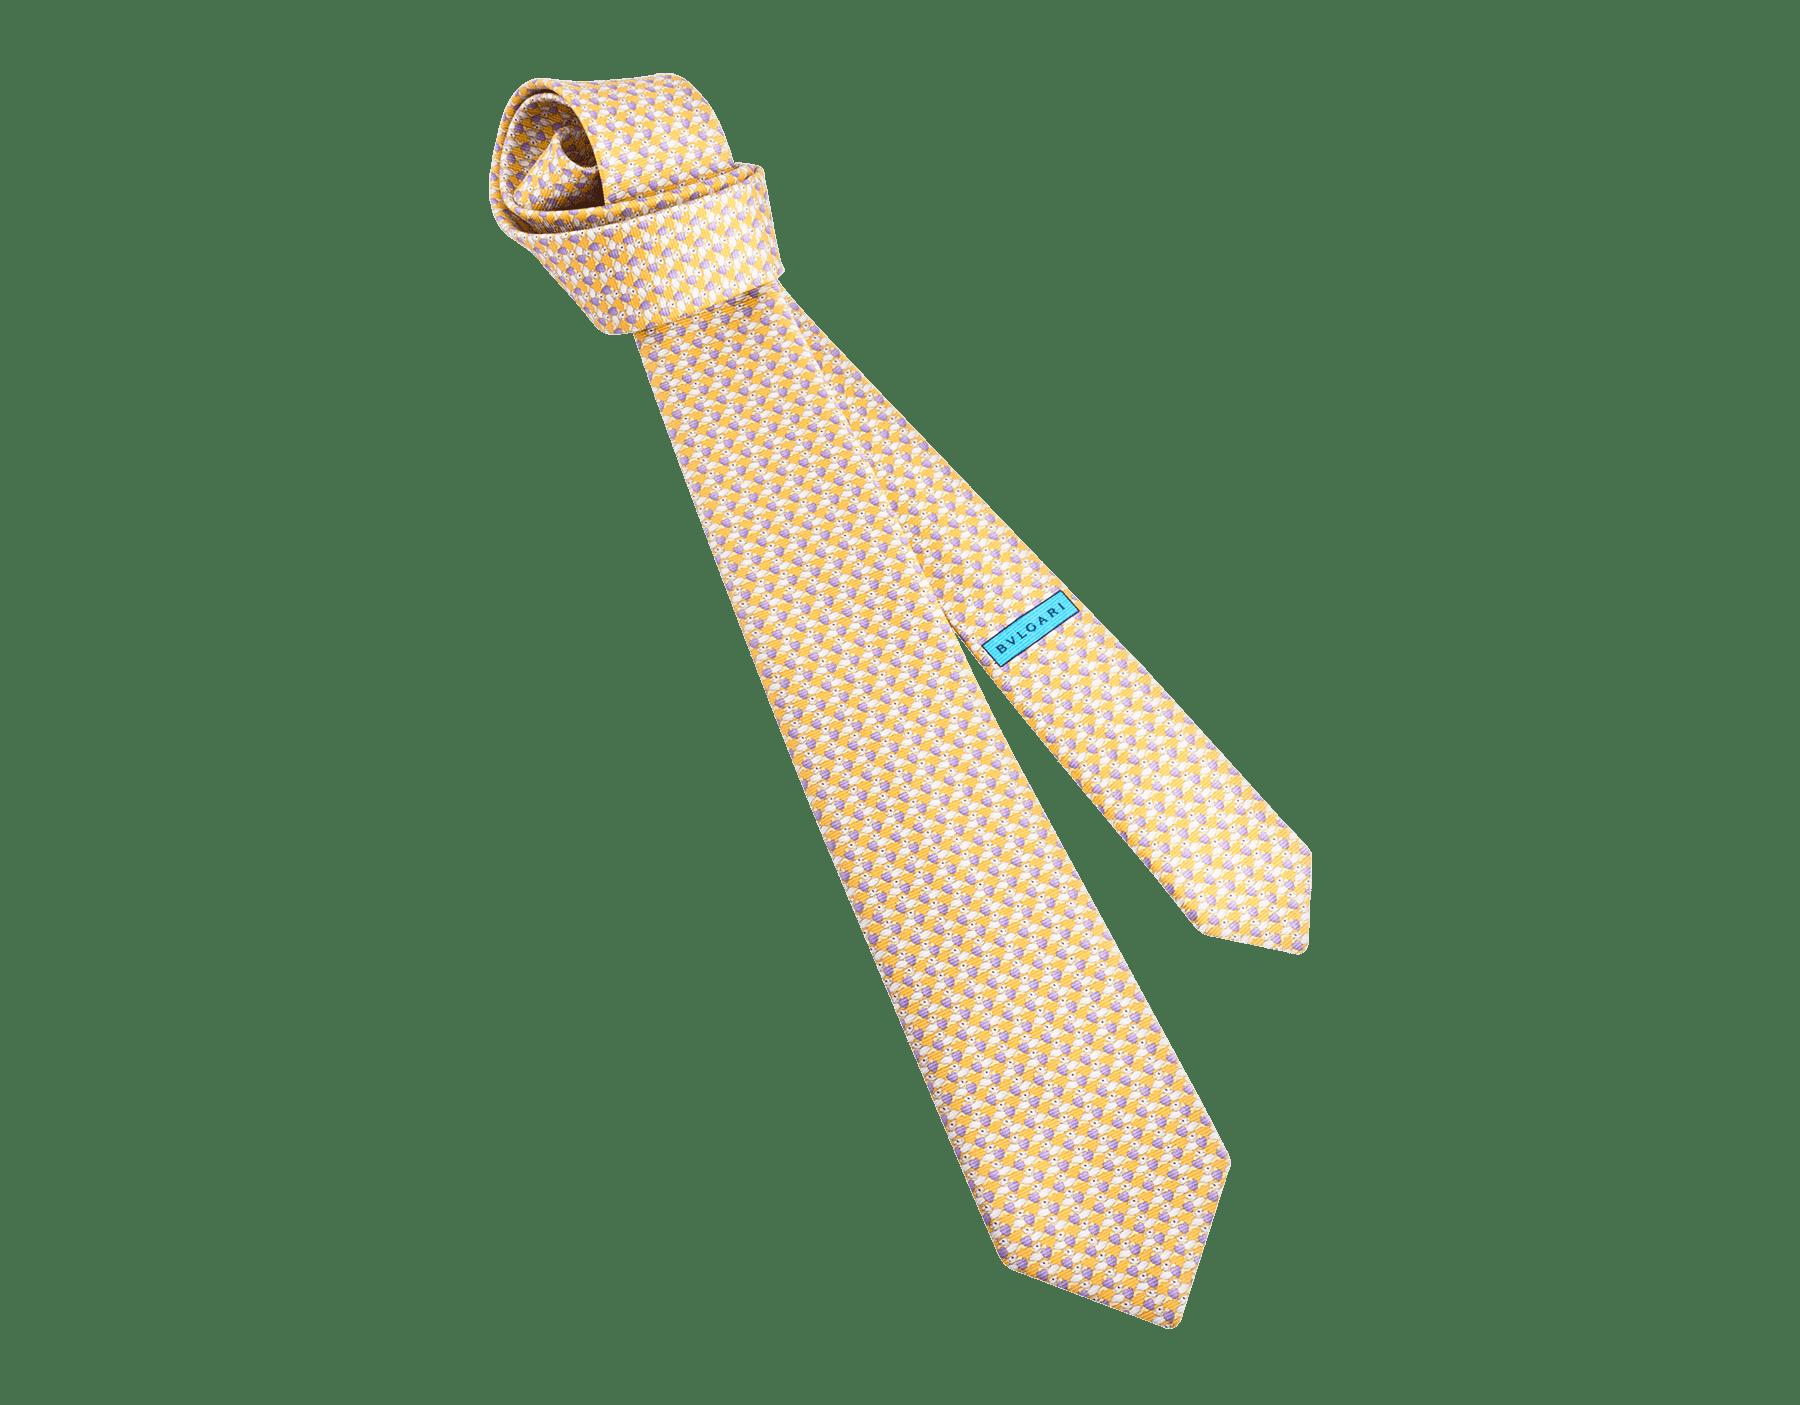 Cravate sept plis Pandheart jaune en fine serge de soie imprimée. 243628 image 1